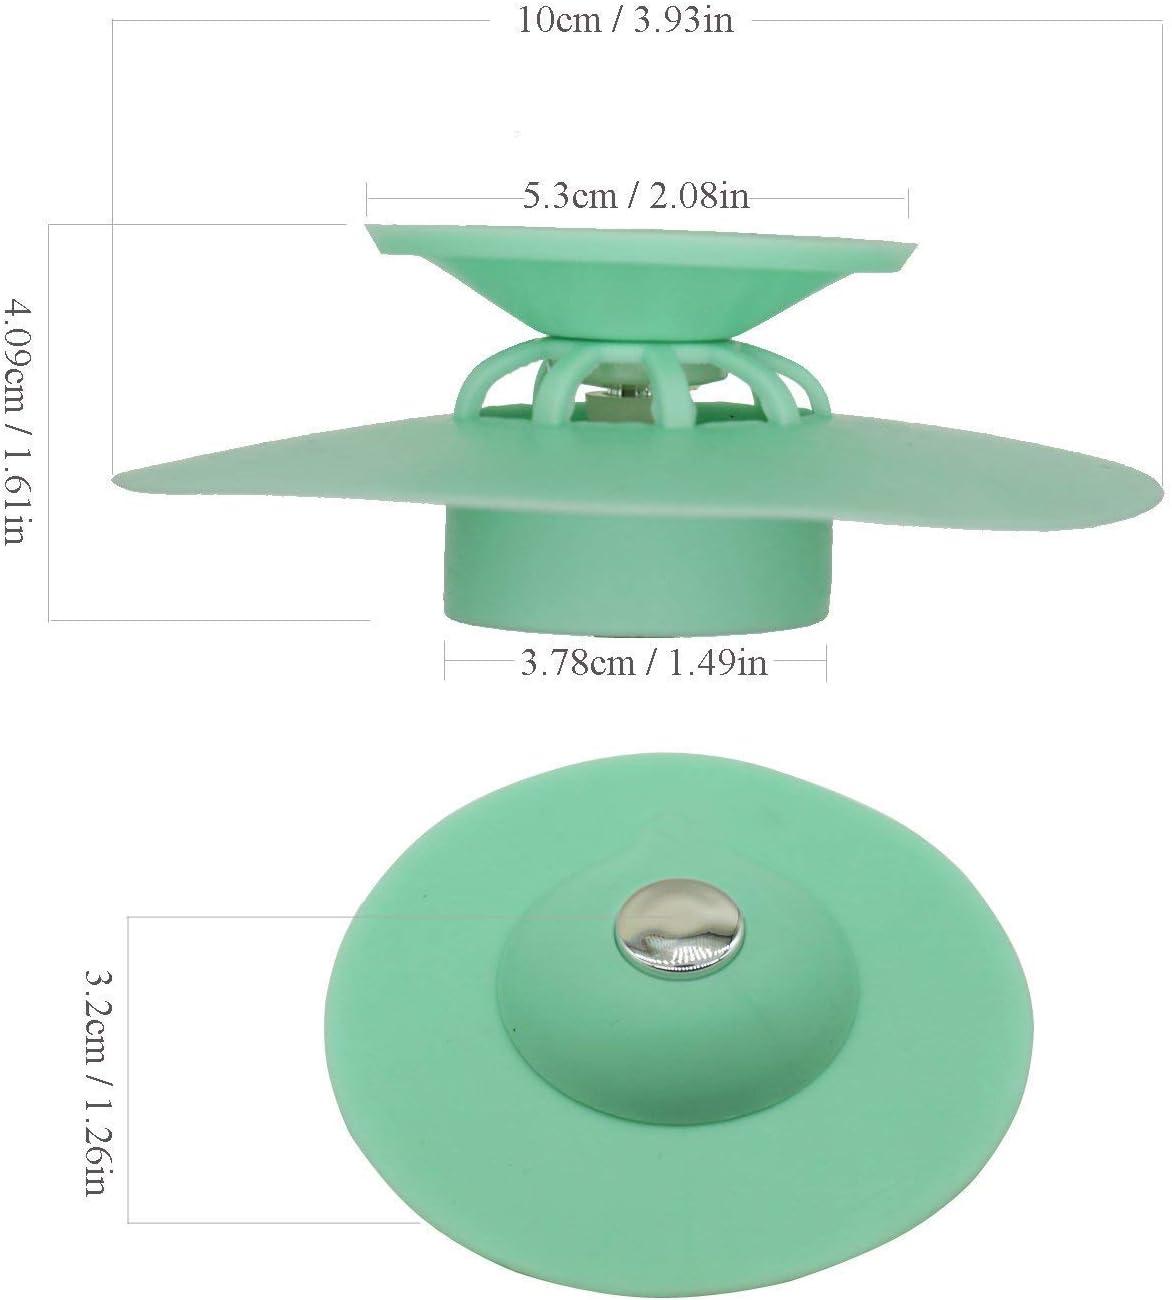 Freyamall 5 Pack 2-in-1 Tappi Tappo di Scarico Tappo in Silicone per Bagno Doccia Scarico Tappo Vasca Buona Grips Catchers per Lavello Piano Cucina